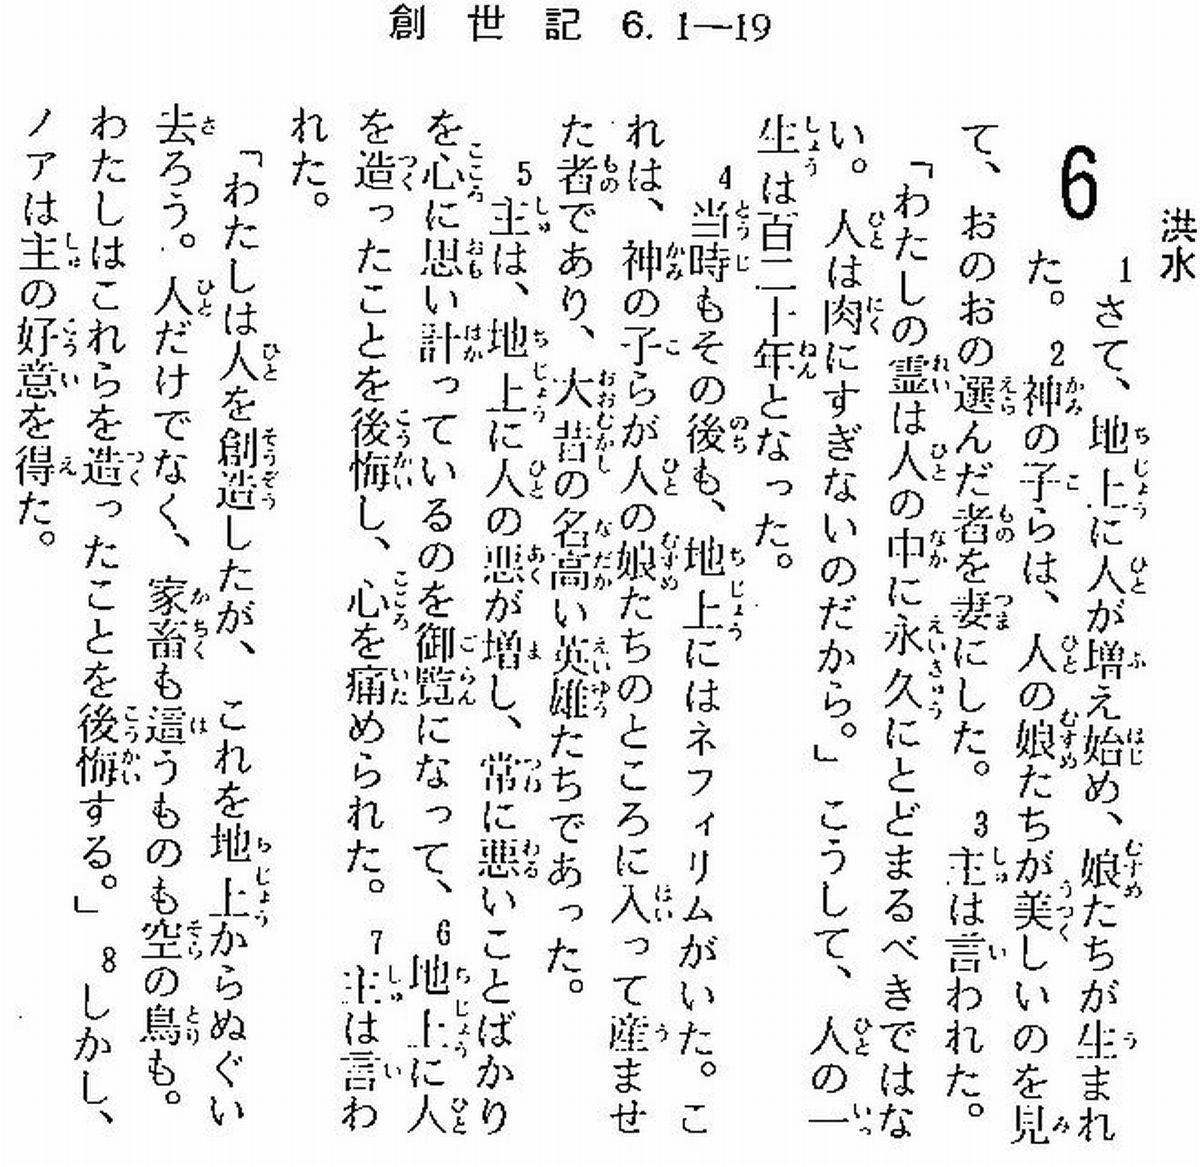 2019年12月6日  日記   沖工会ウォーキング その4_d0249595_14092711.jpg